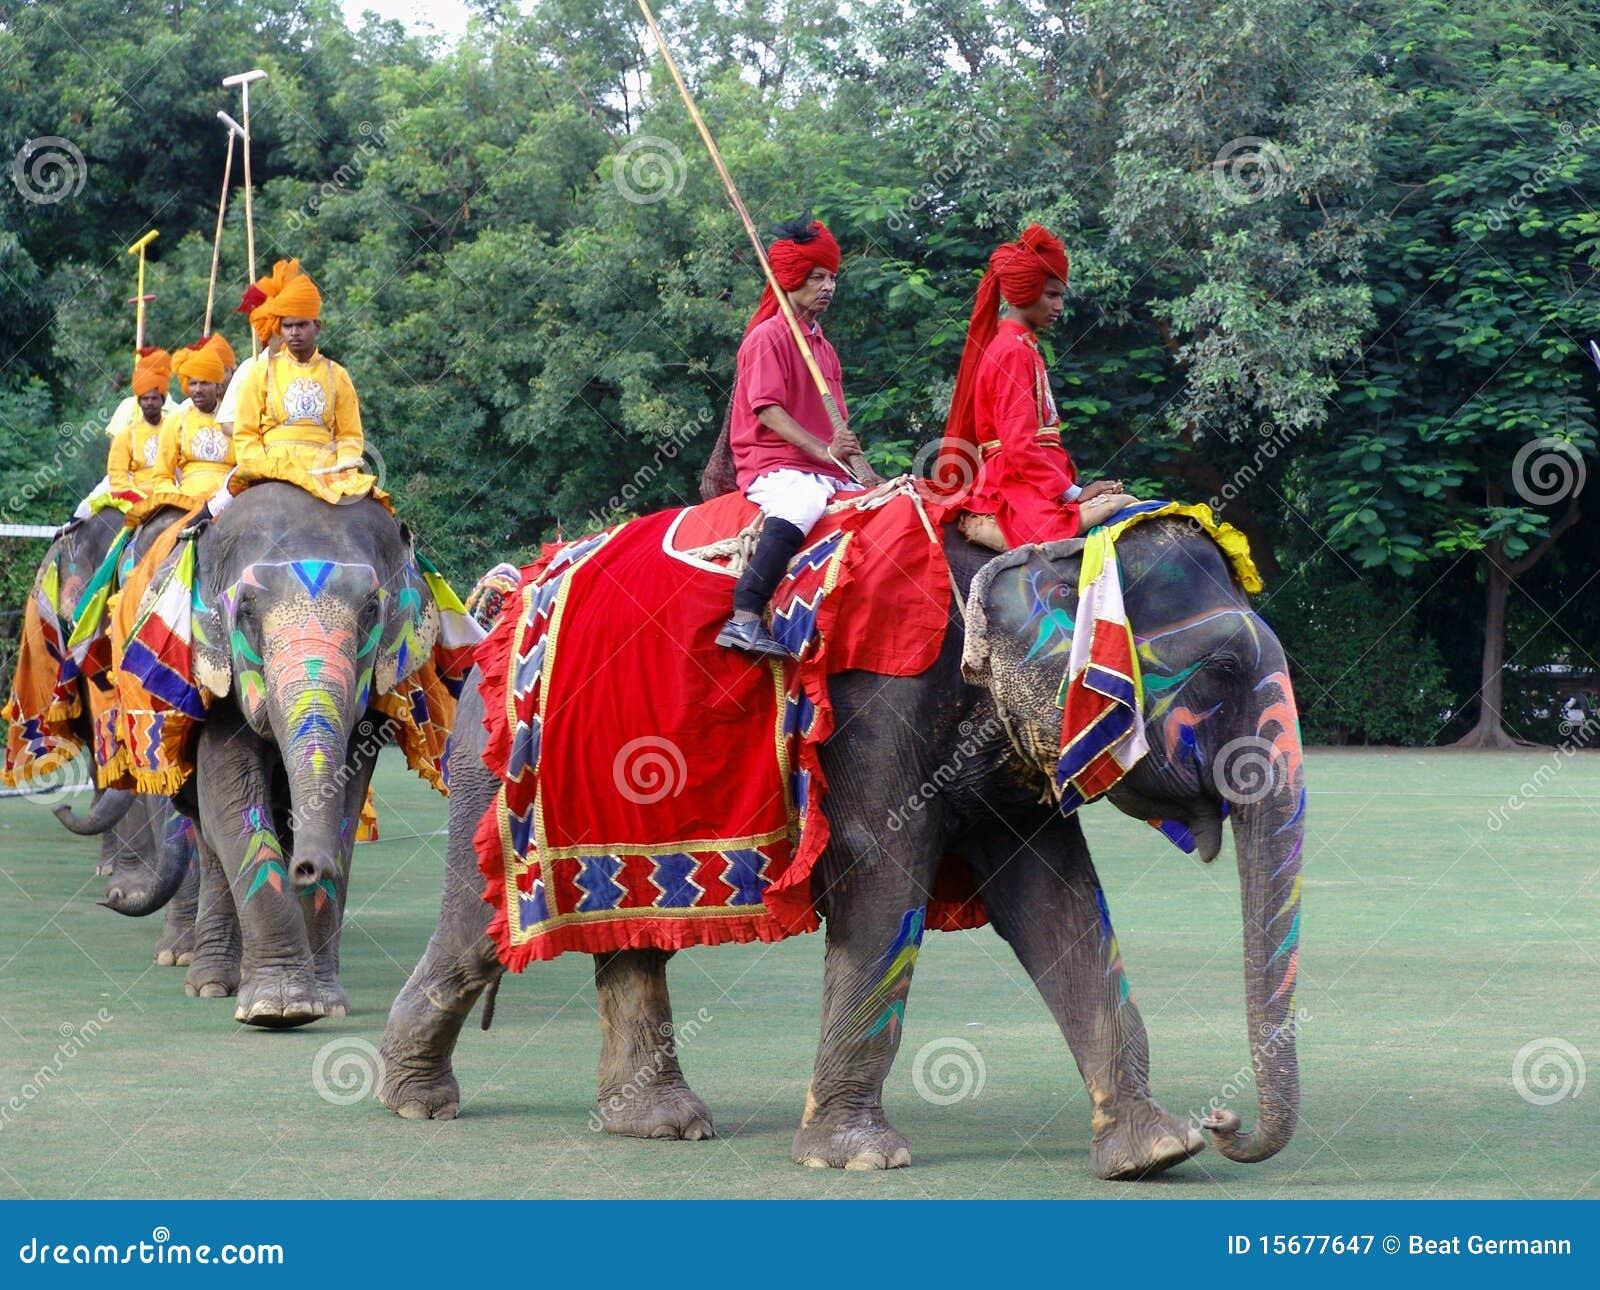 Festival d 39 l phant jaipur inde photographie ditorial image du festival chameau 15677647 - Photos d elephants gratuites ...